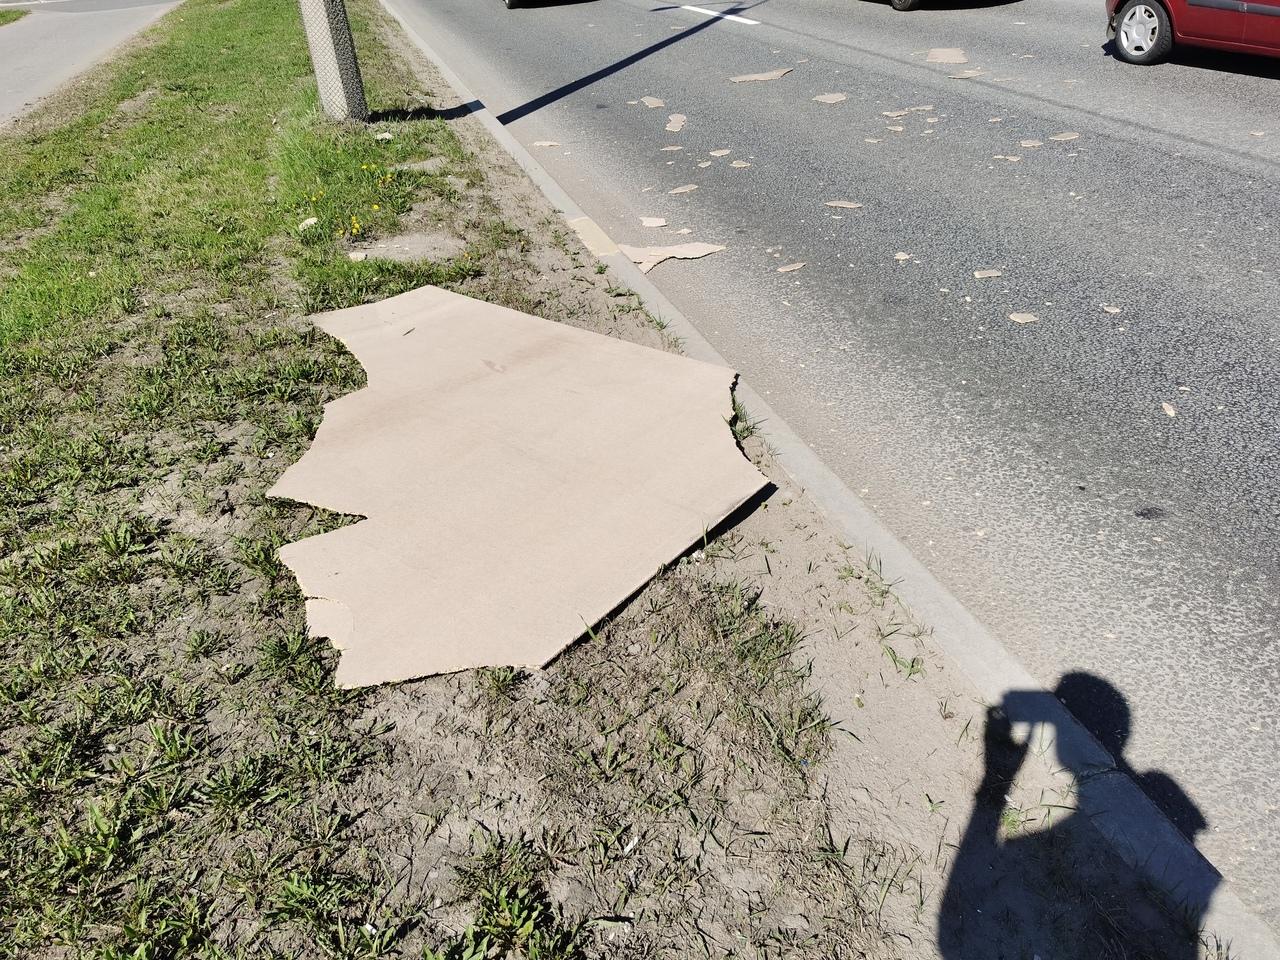 Сегодня в около 15 часов на Митрофаньевском шоссе прилетел лист ОСБ в лобовое. Если кто-нибудь проез...